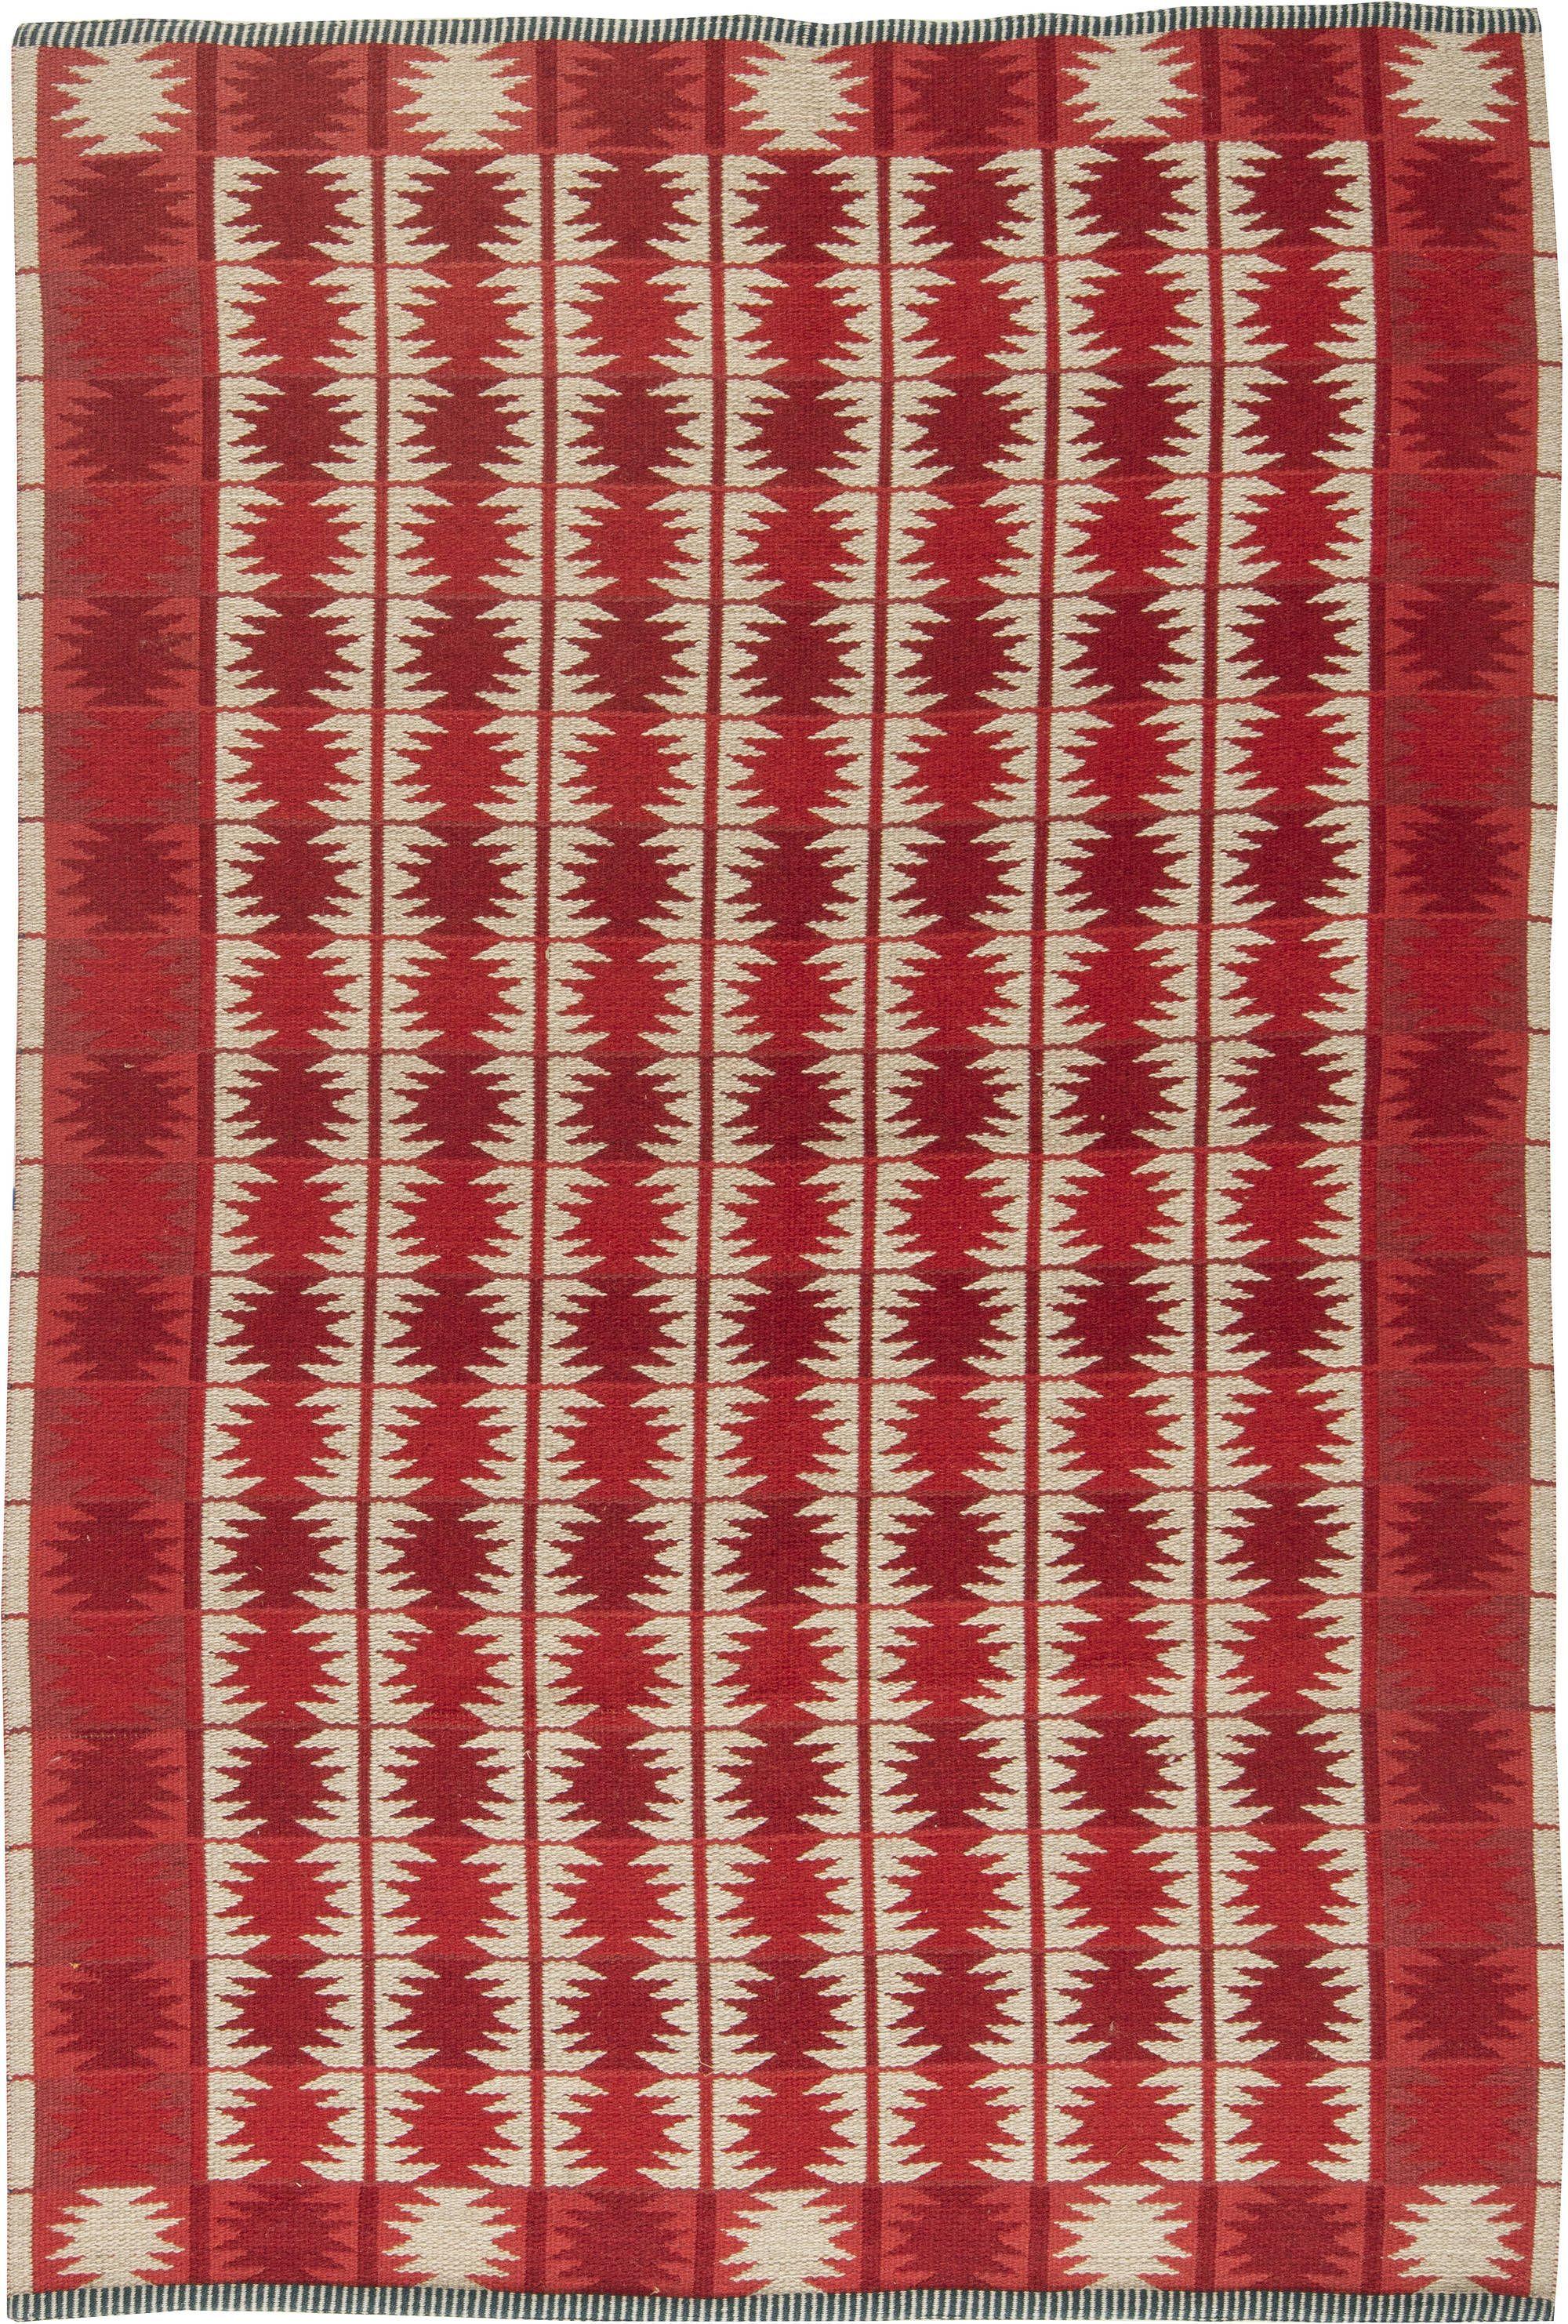 Vintage Swedish Flat Weave Reversible By Ingrid Dessau Bb6294 By Dlb Vintazhnye Kovry Kovry Kover